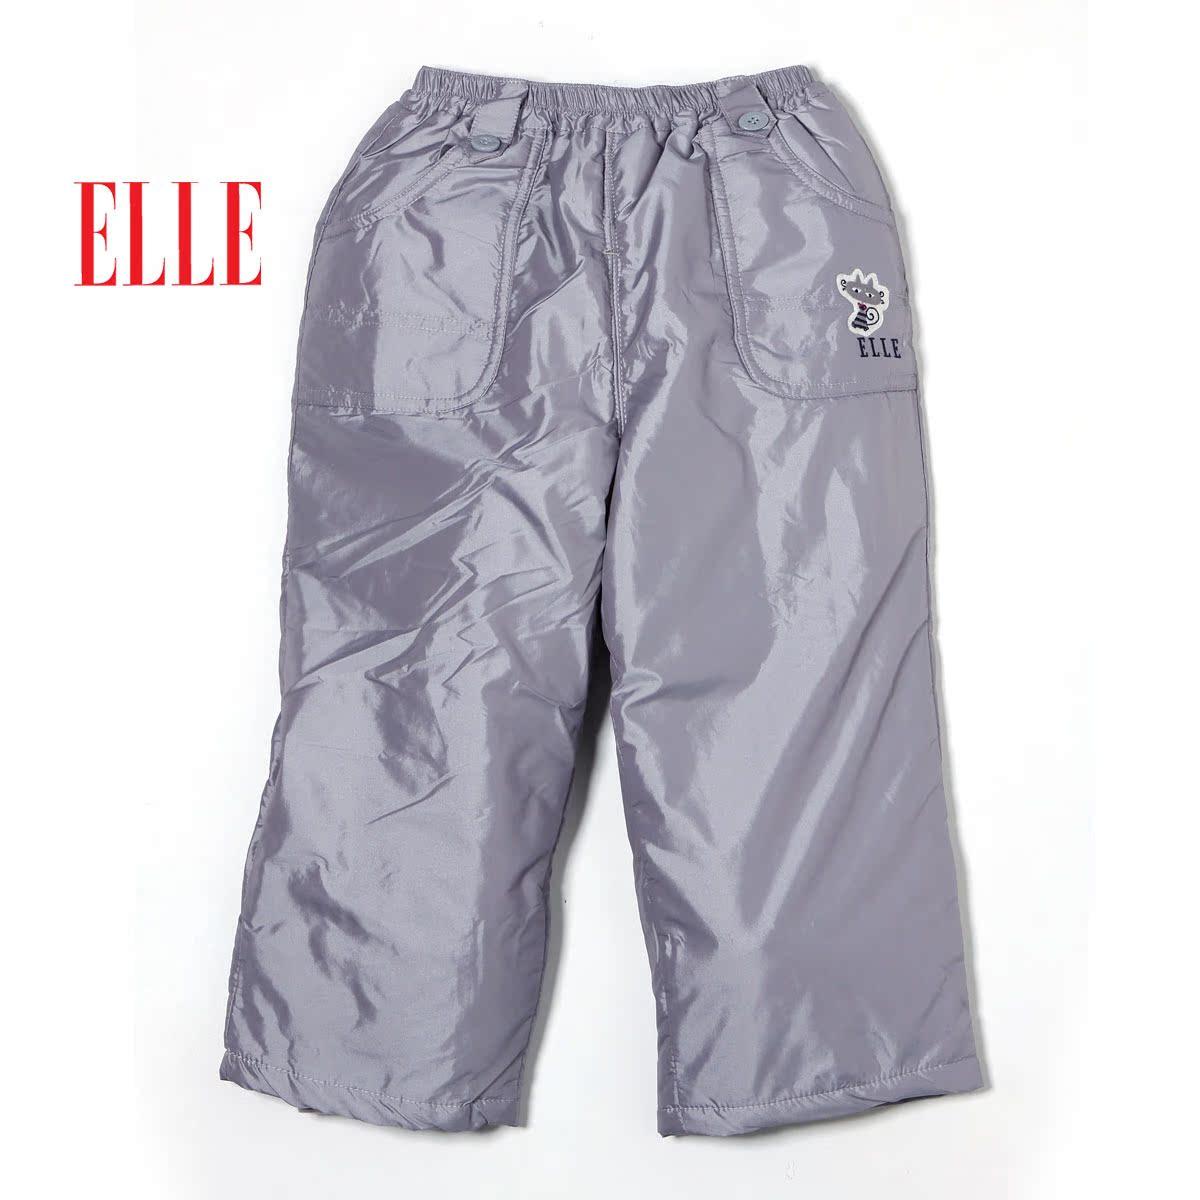 детские штаны Elle EW979458 80 Elle 84 Хизер Серый, 57 темно-синий Фибра Спортивный Кожаный пояс на талии